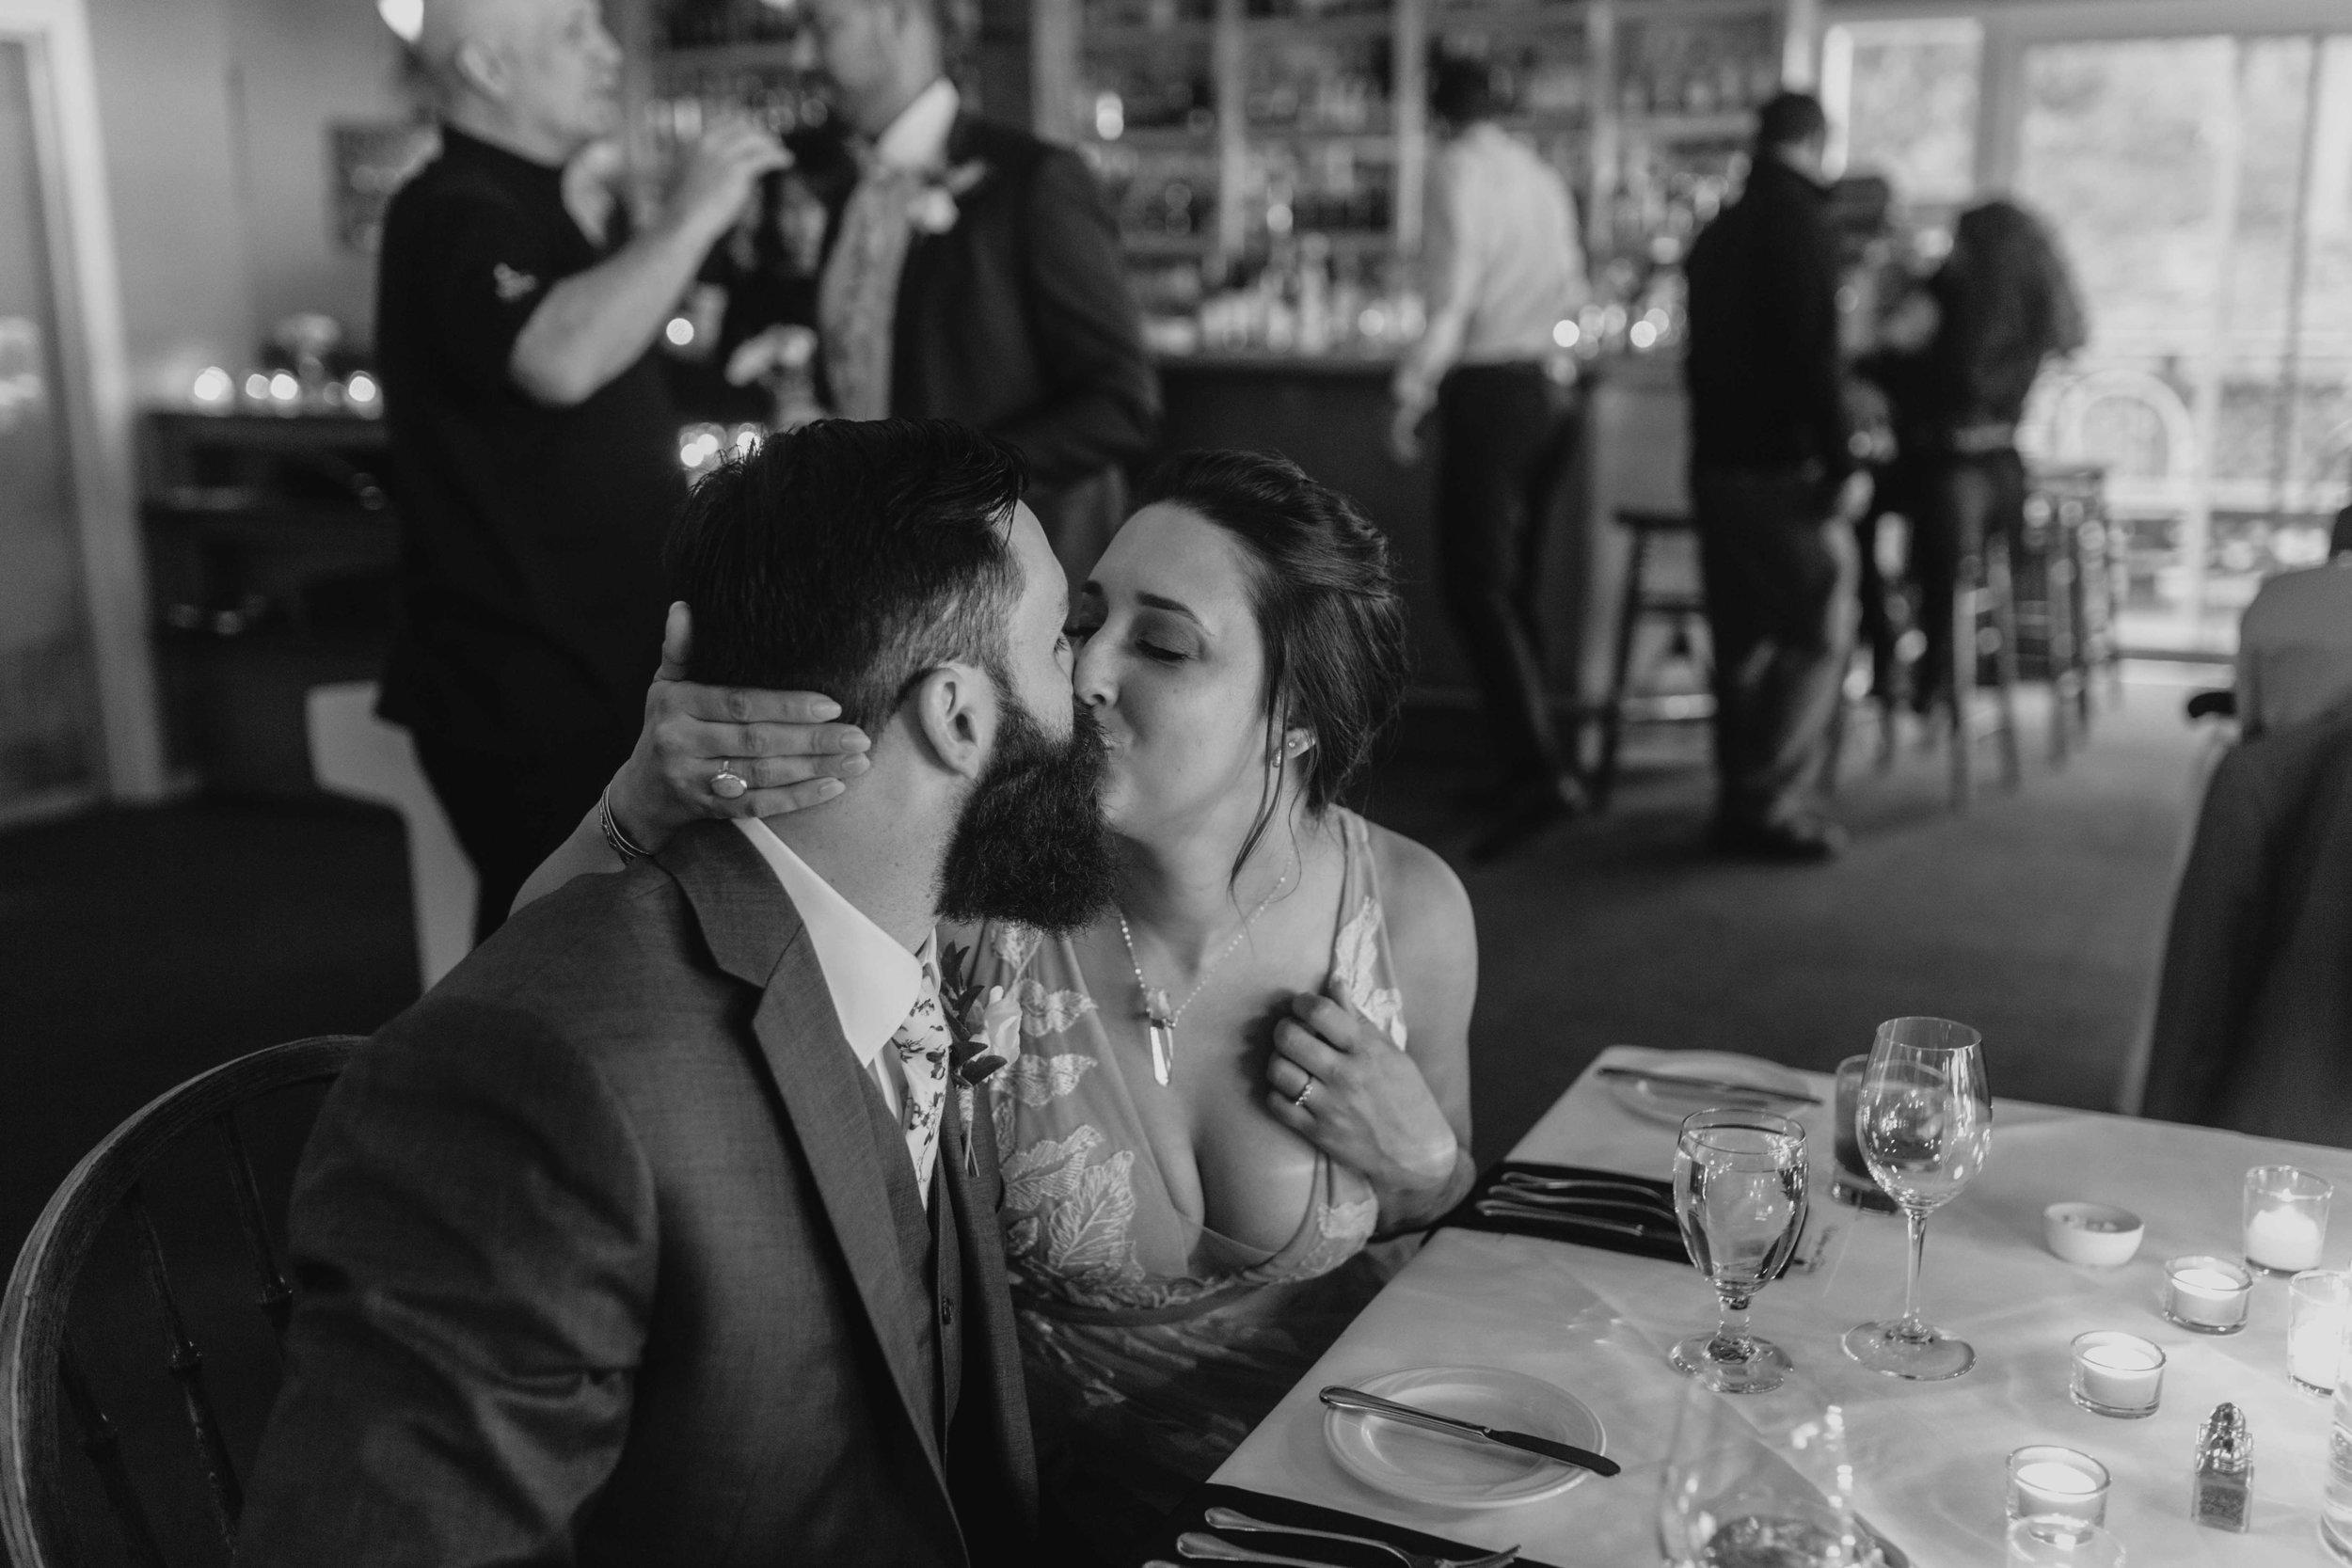 spokane couple unique elopement wedding